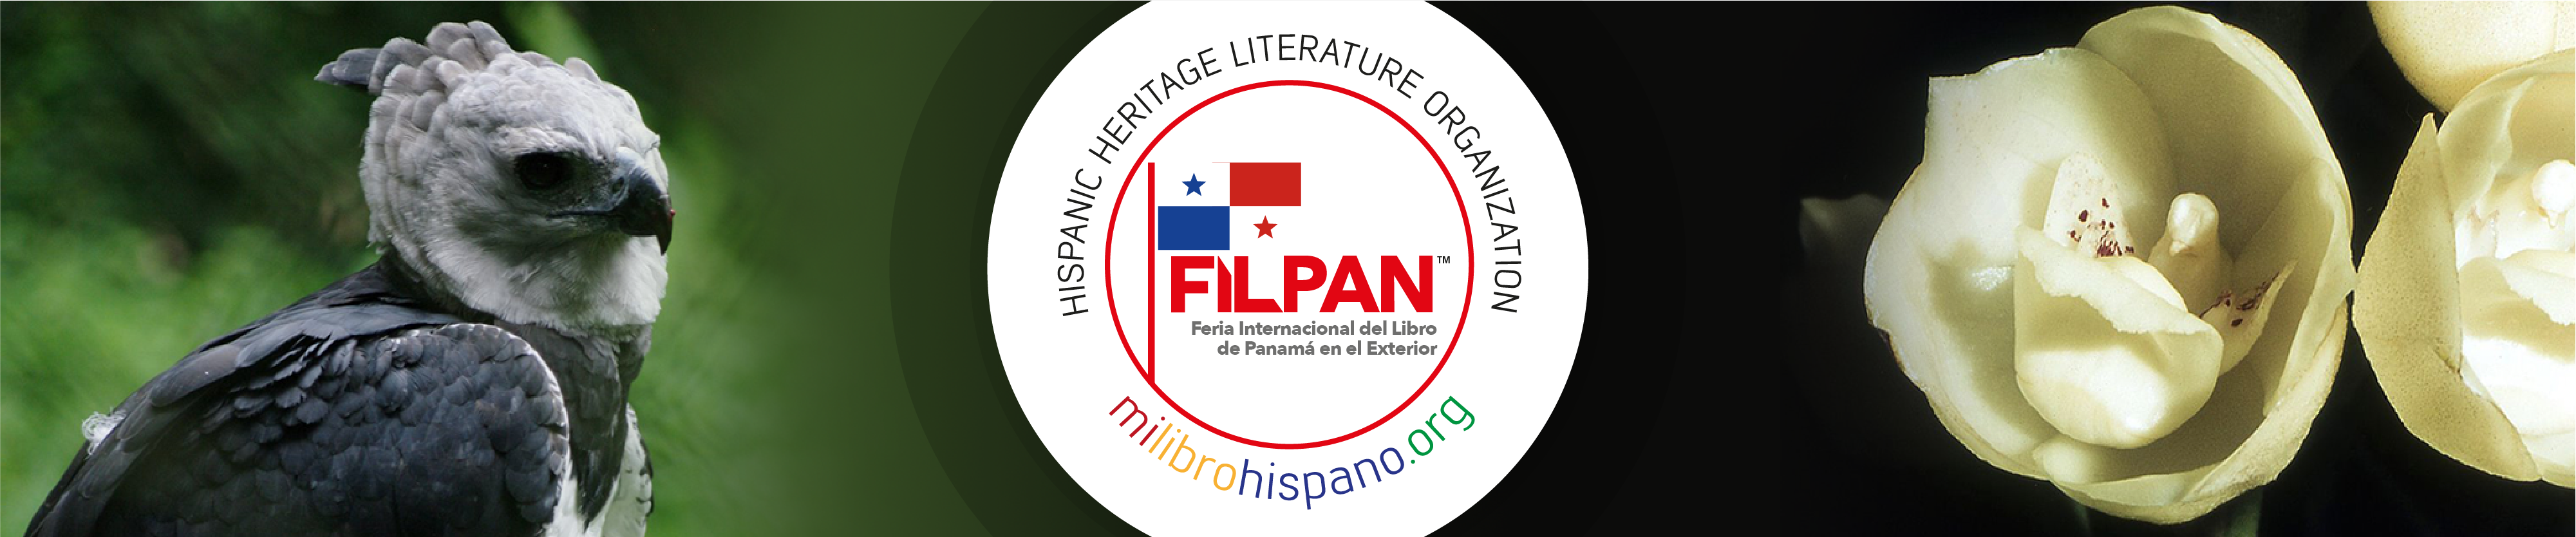 FIL Banner - Panama